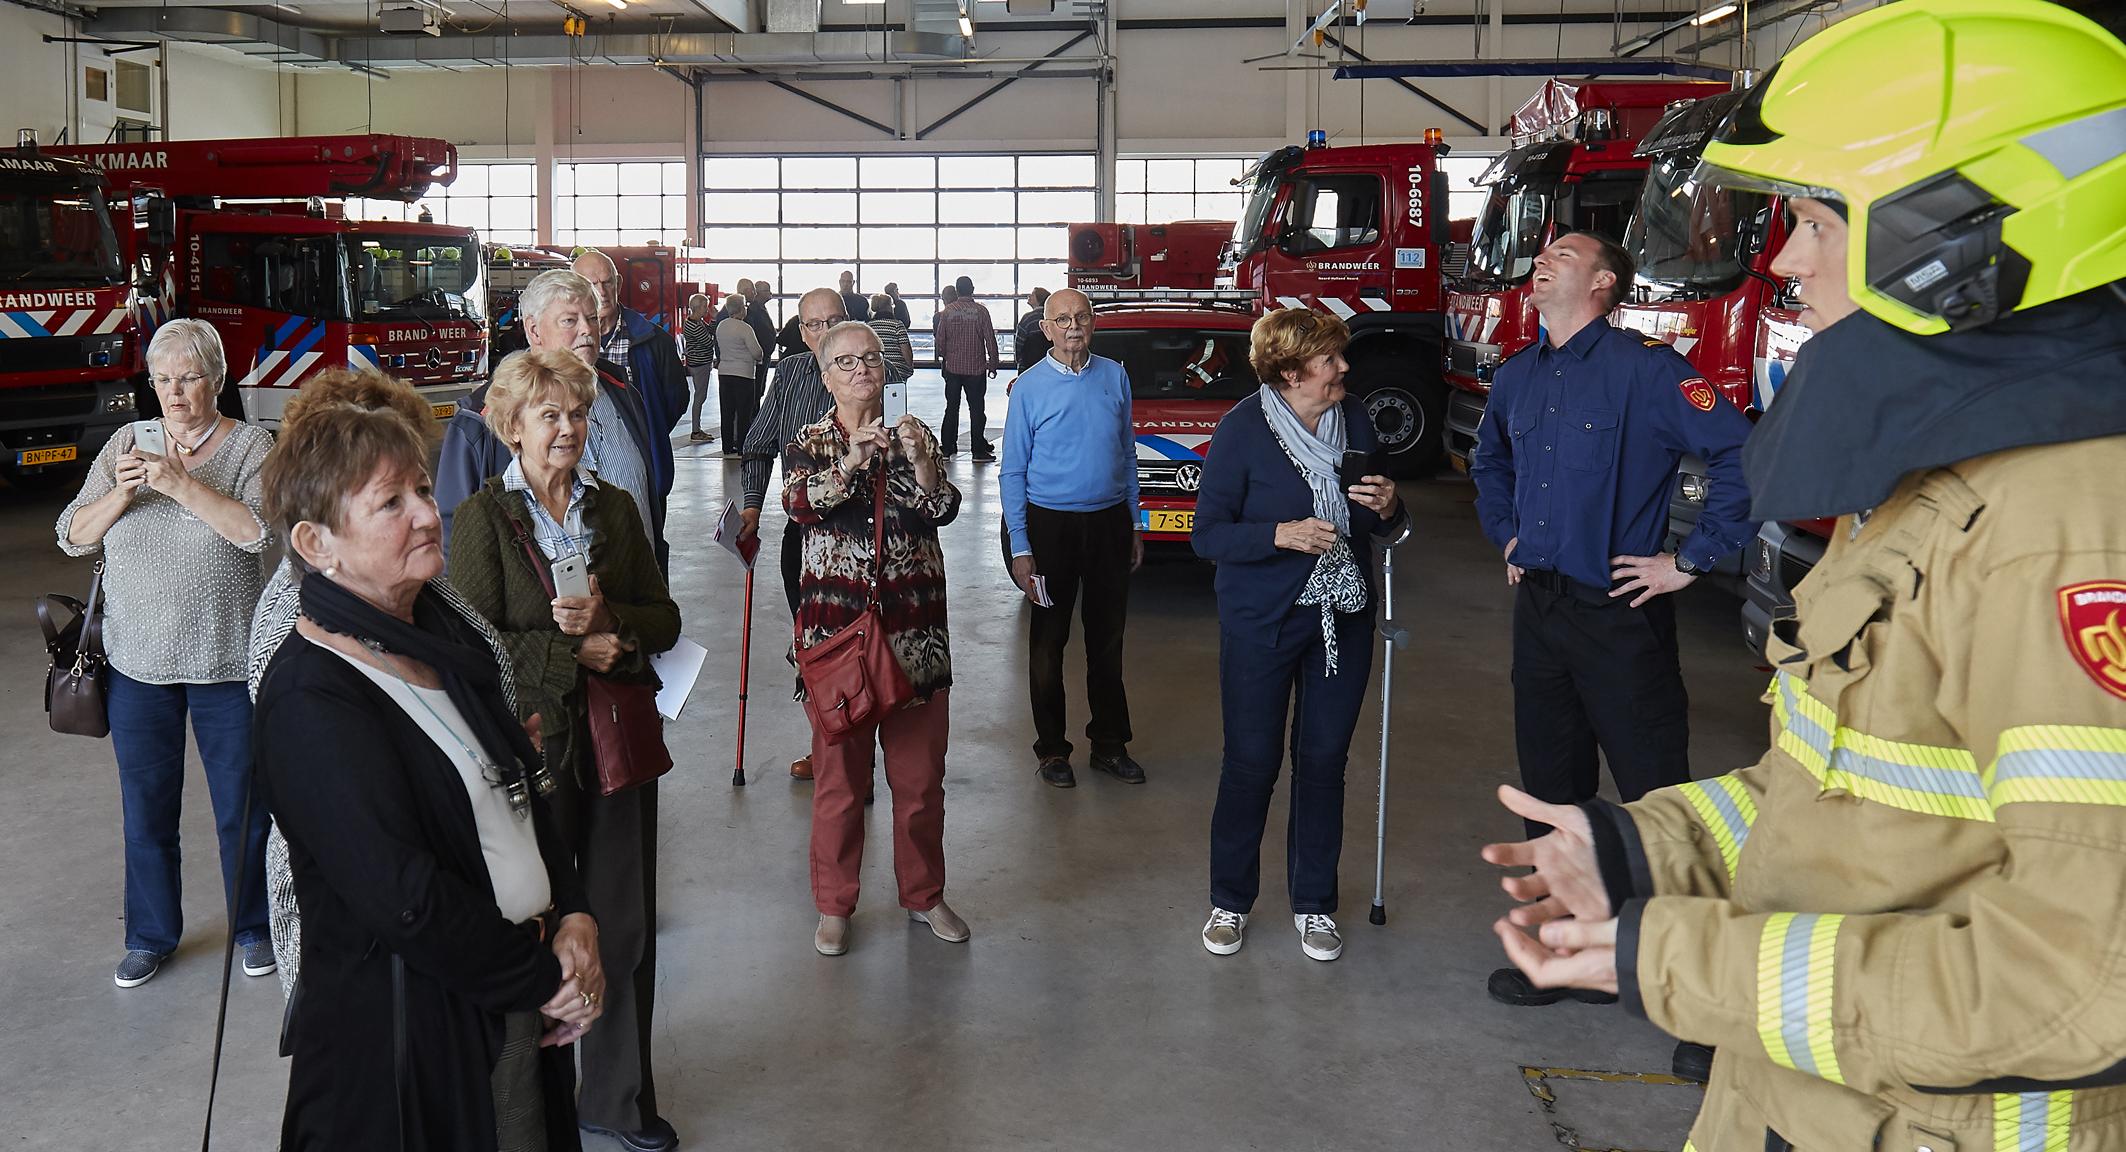 Broodje Brandweer was vorig jaar al een groot succes. (Foto's: aangeleverd).